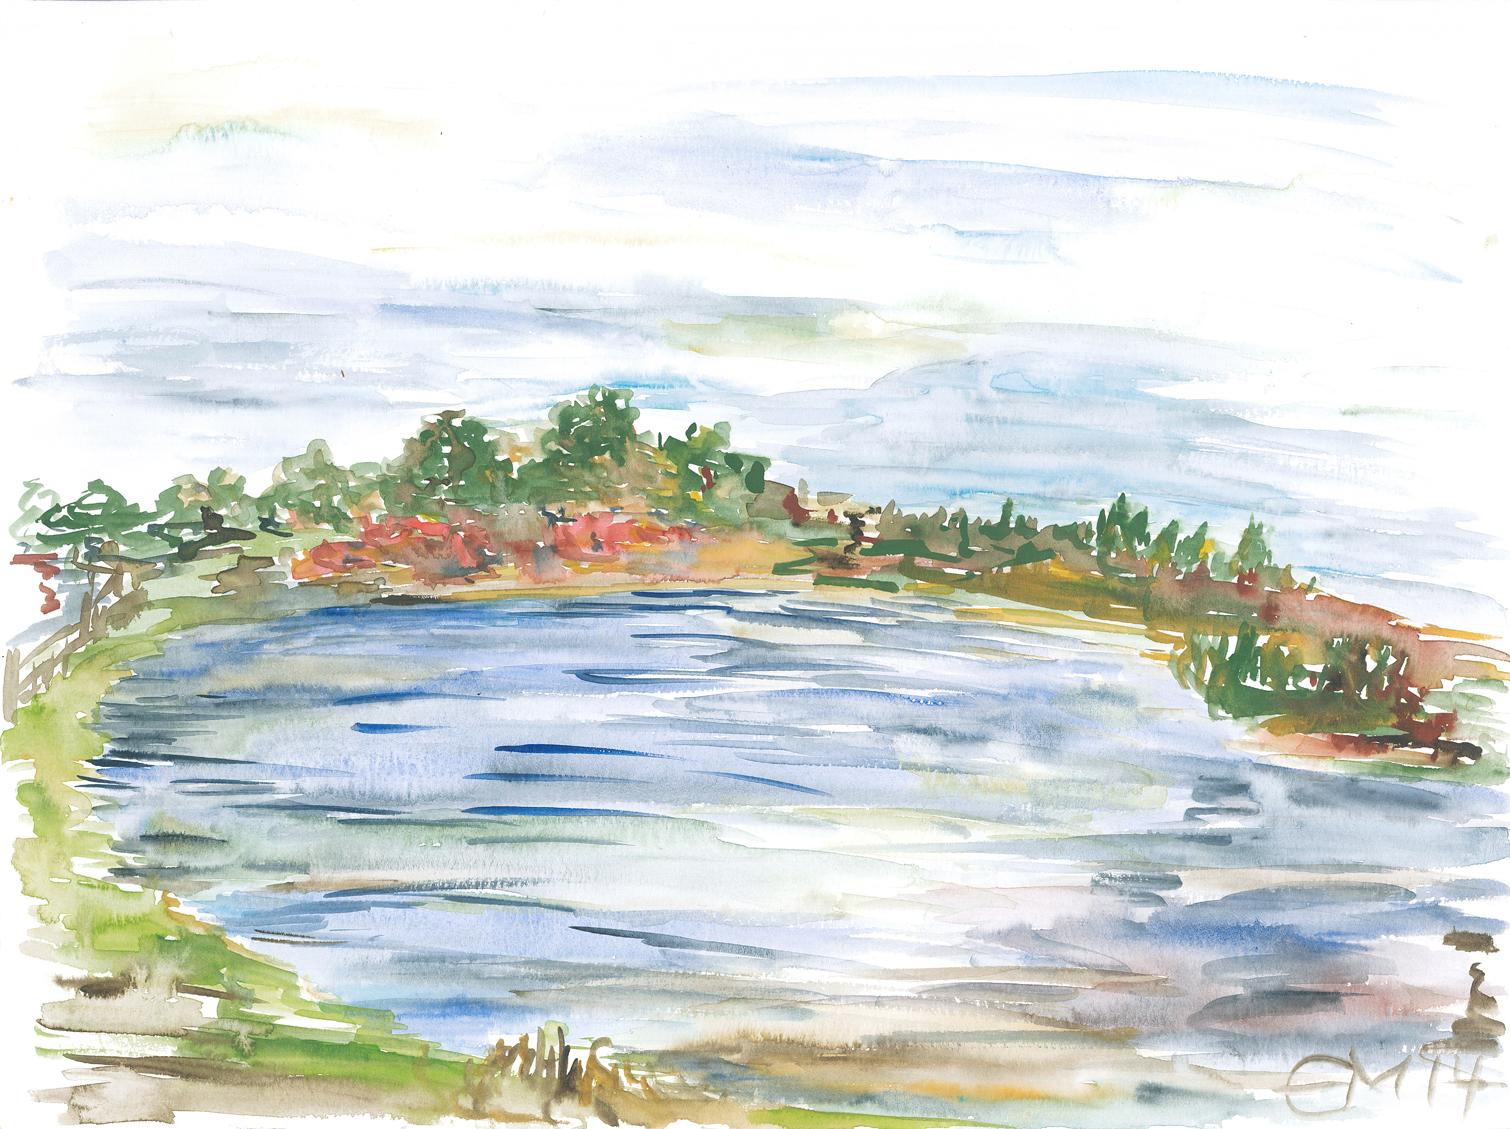 015_Markkleeberger See vom Westufer 08.10.14